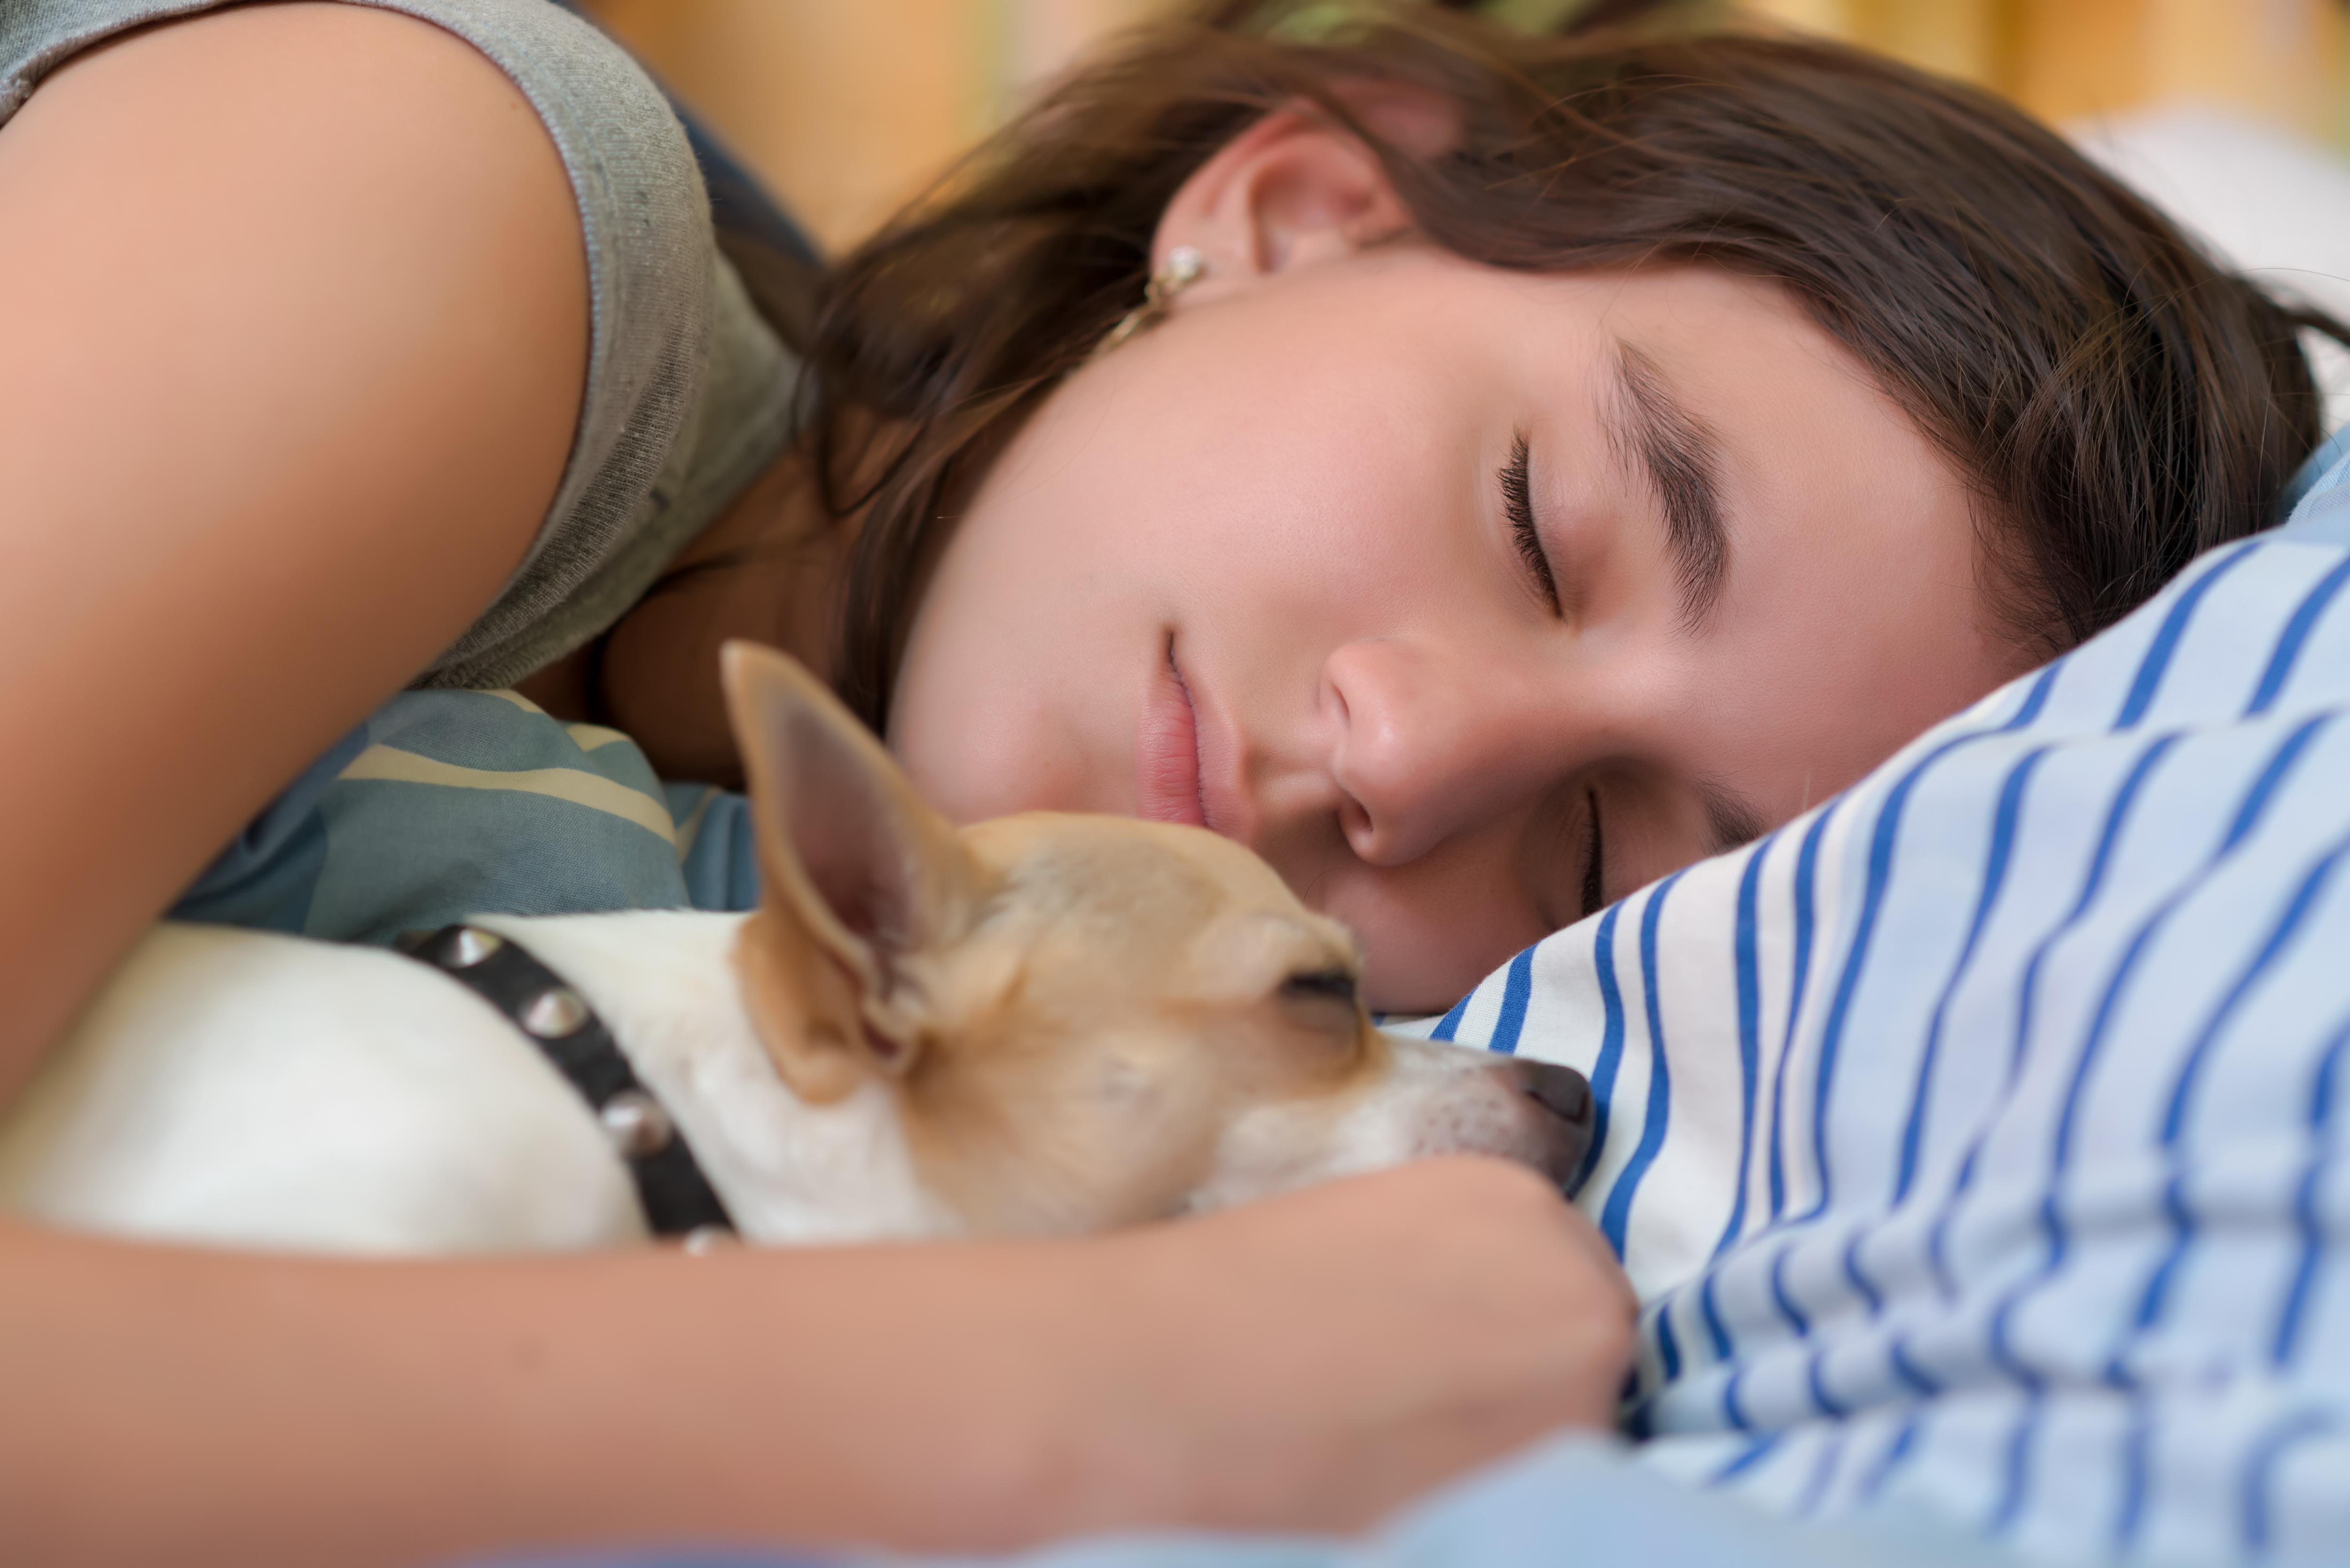 Att låta hunden eller katten sova i sängen kan ge bättre sömn visar forskning.